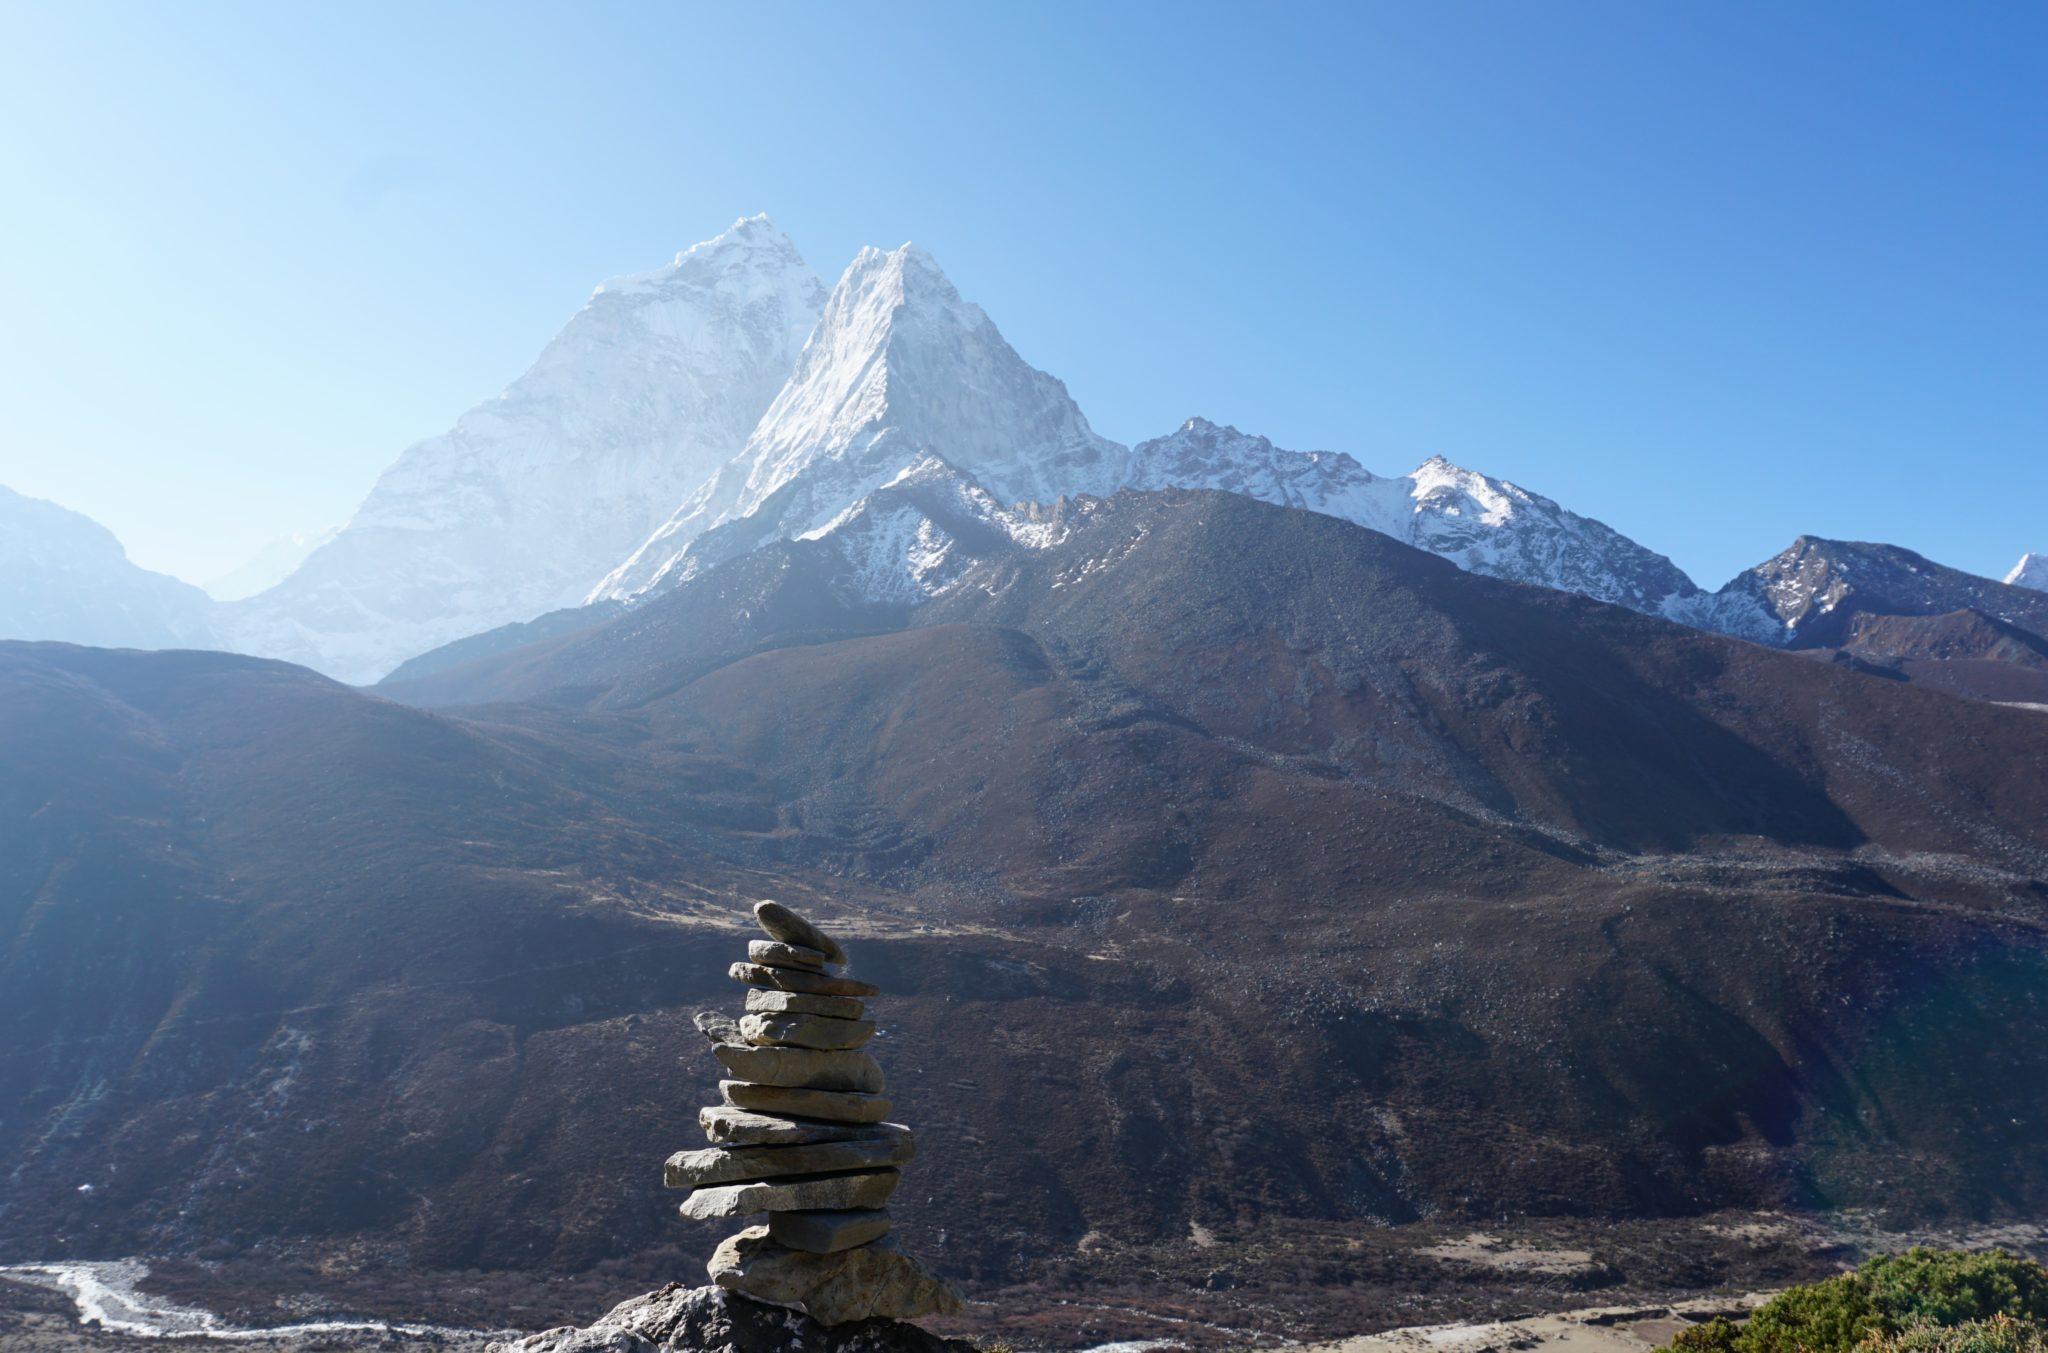 Aussicht auf die schneebedeckten Berge des Himalaya